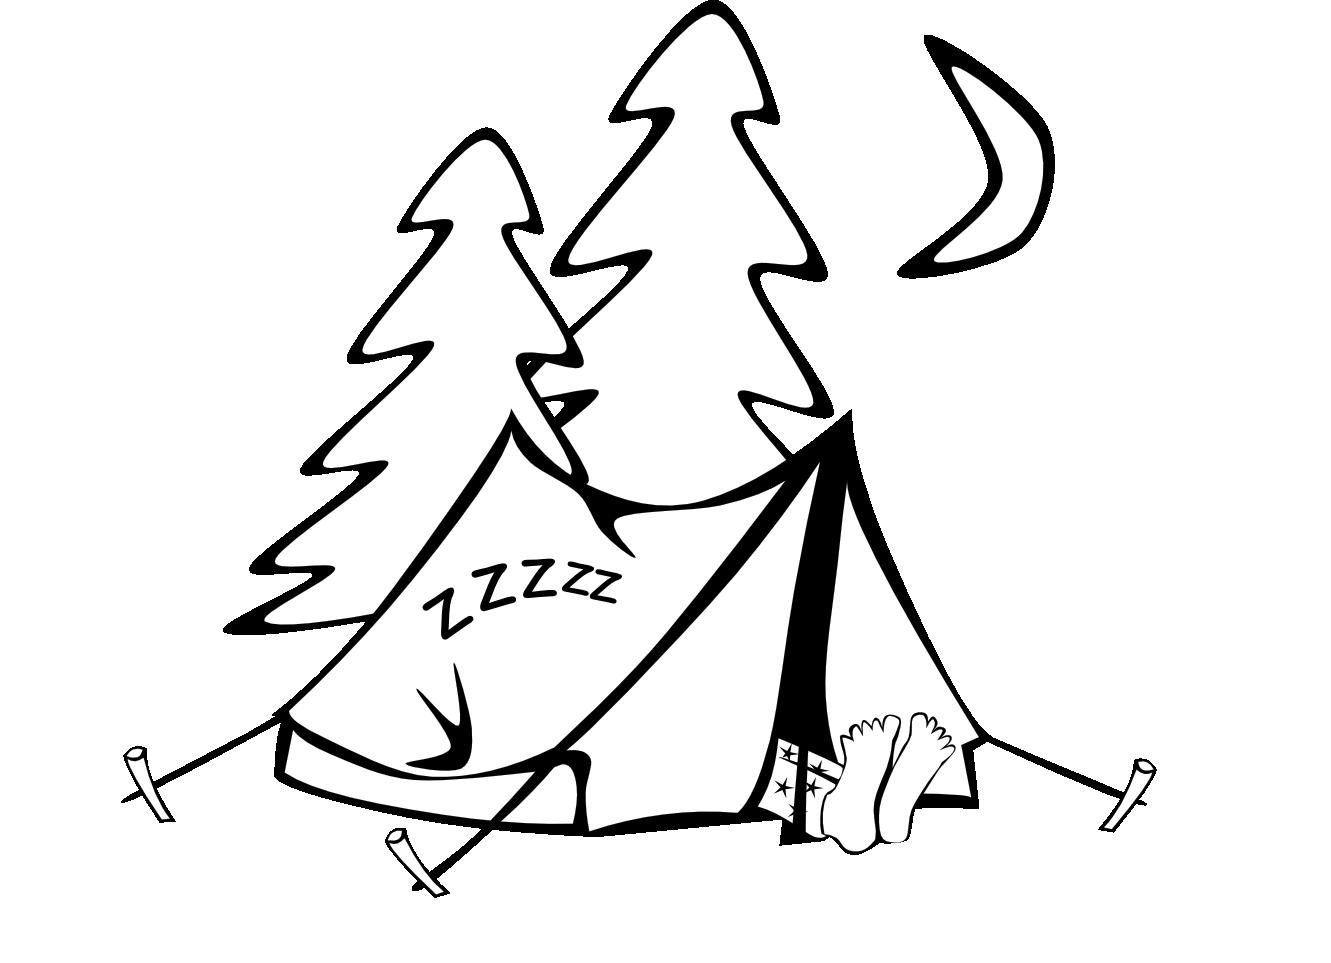 Tent clipart 0 2